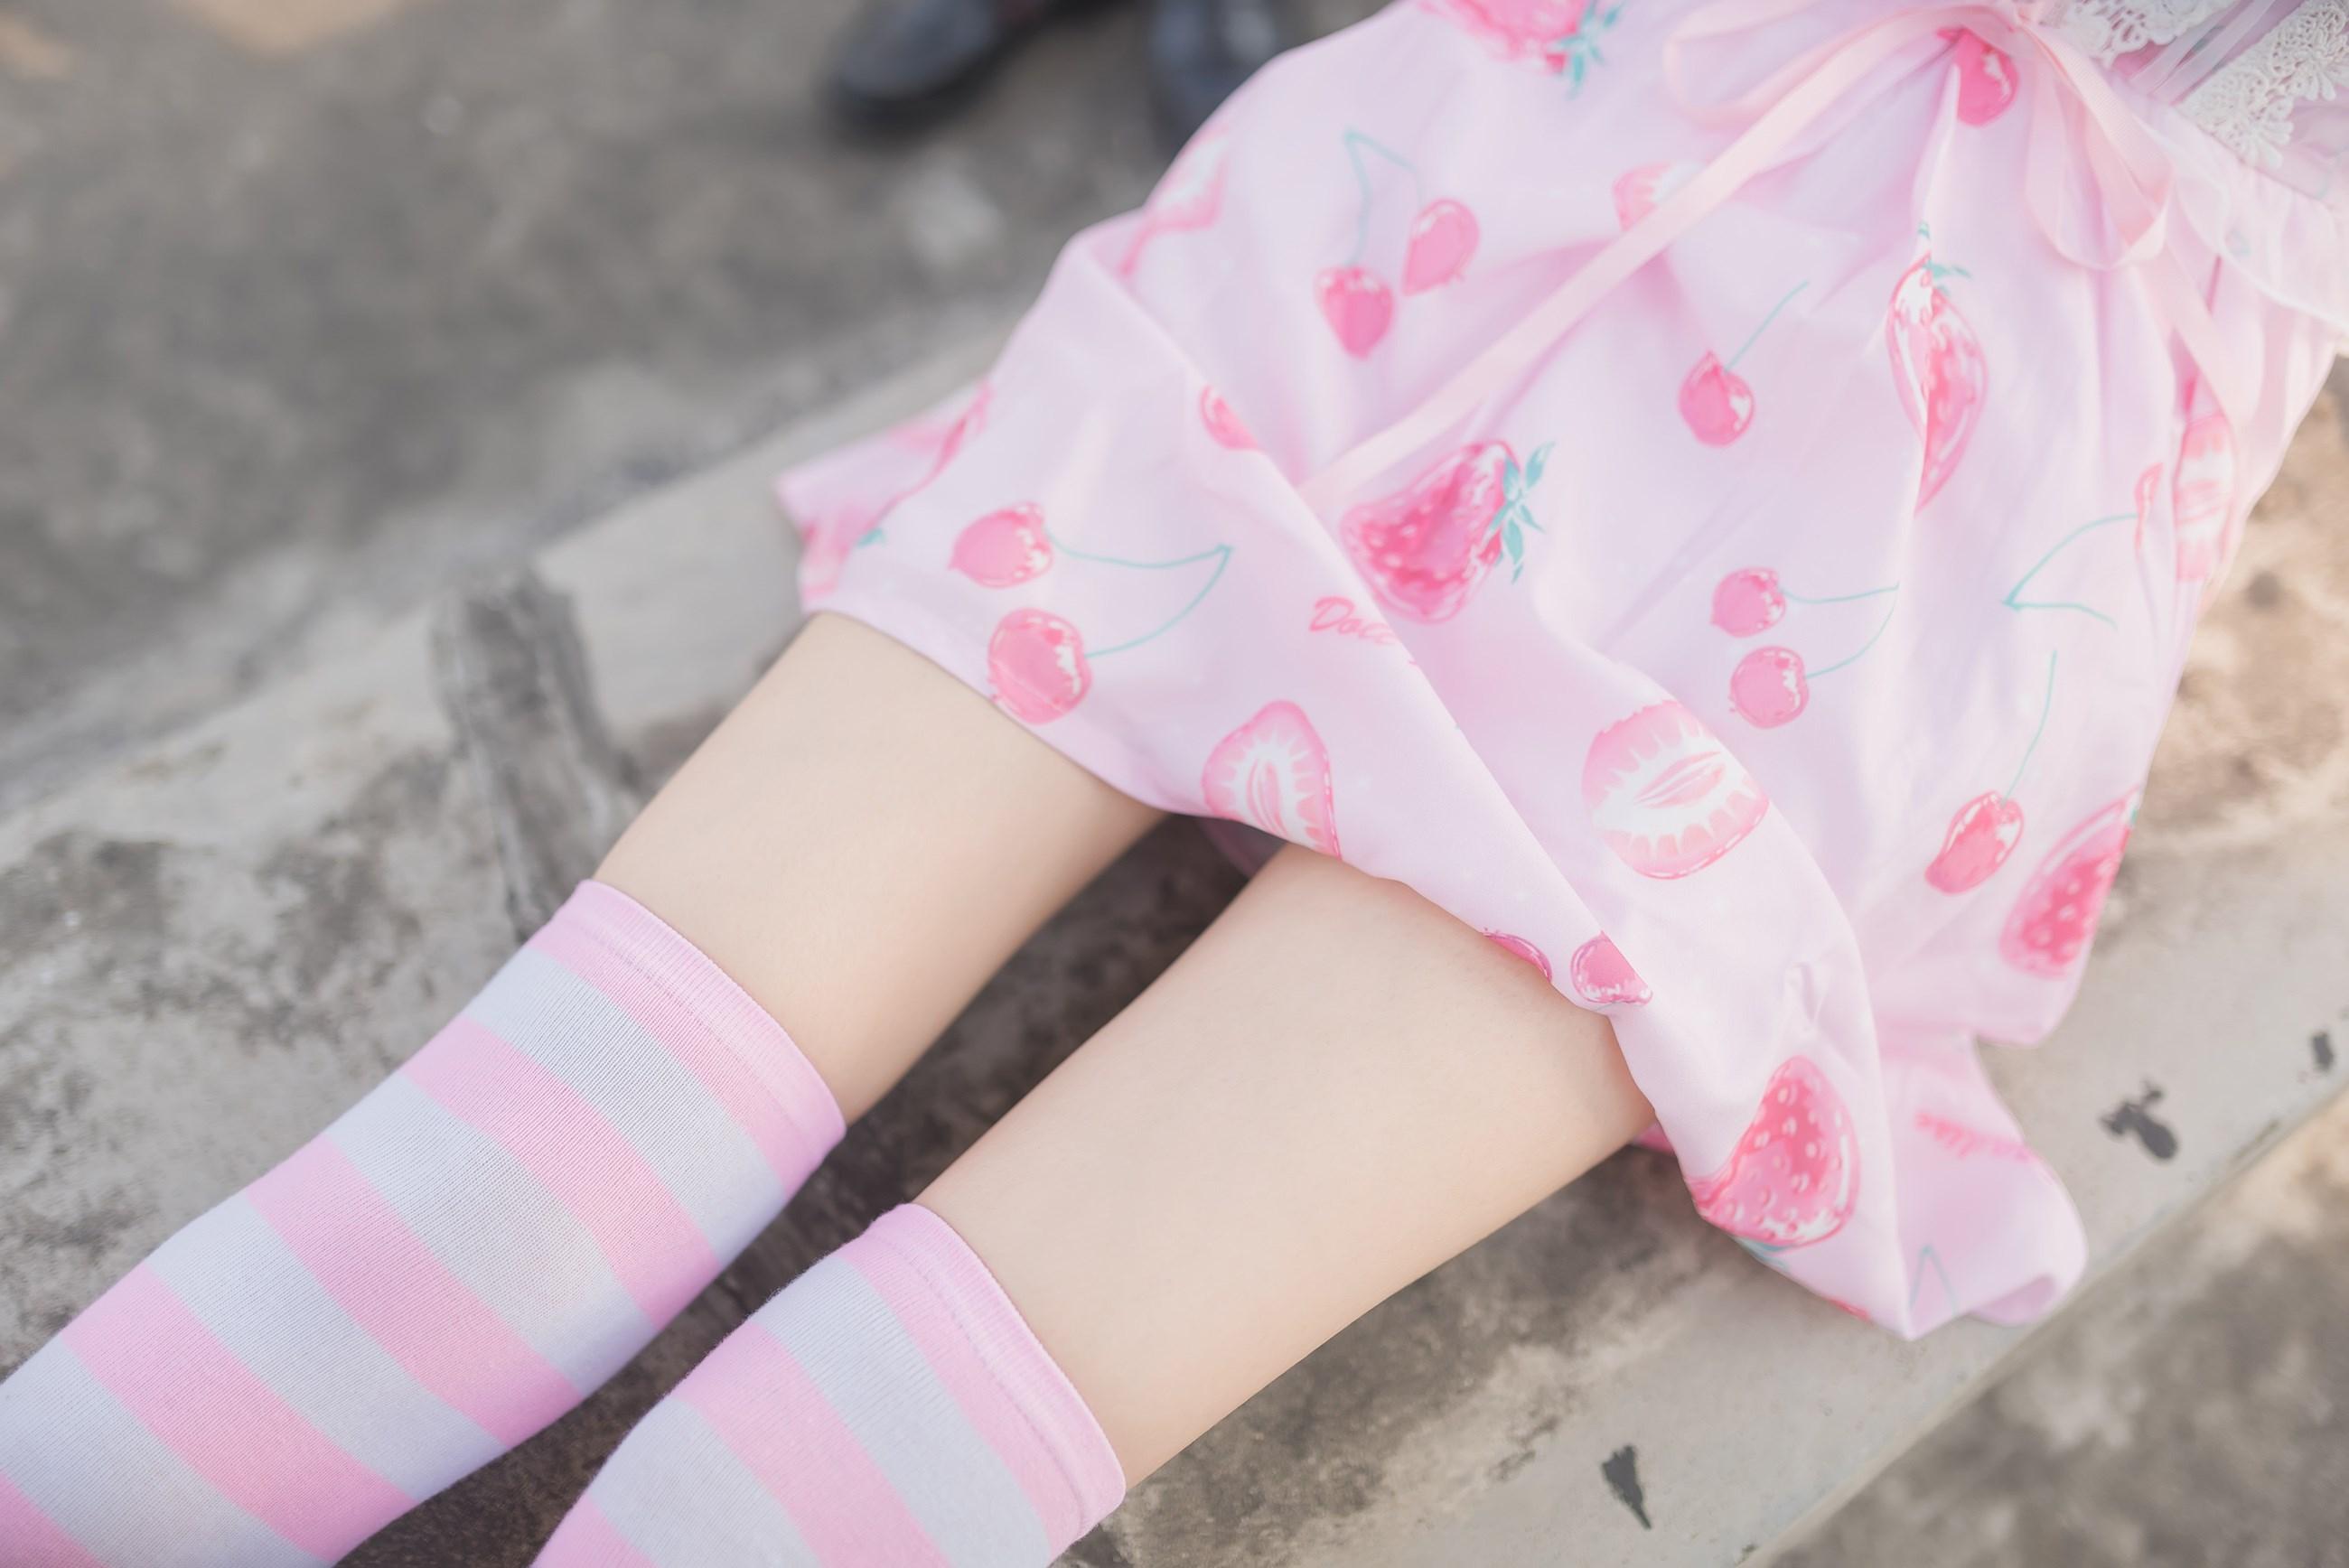 【兔玩映画】粉白条纹 兔玩映画 第41张